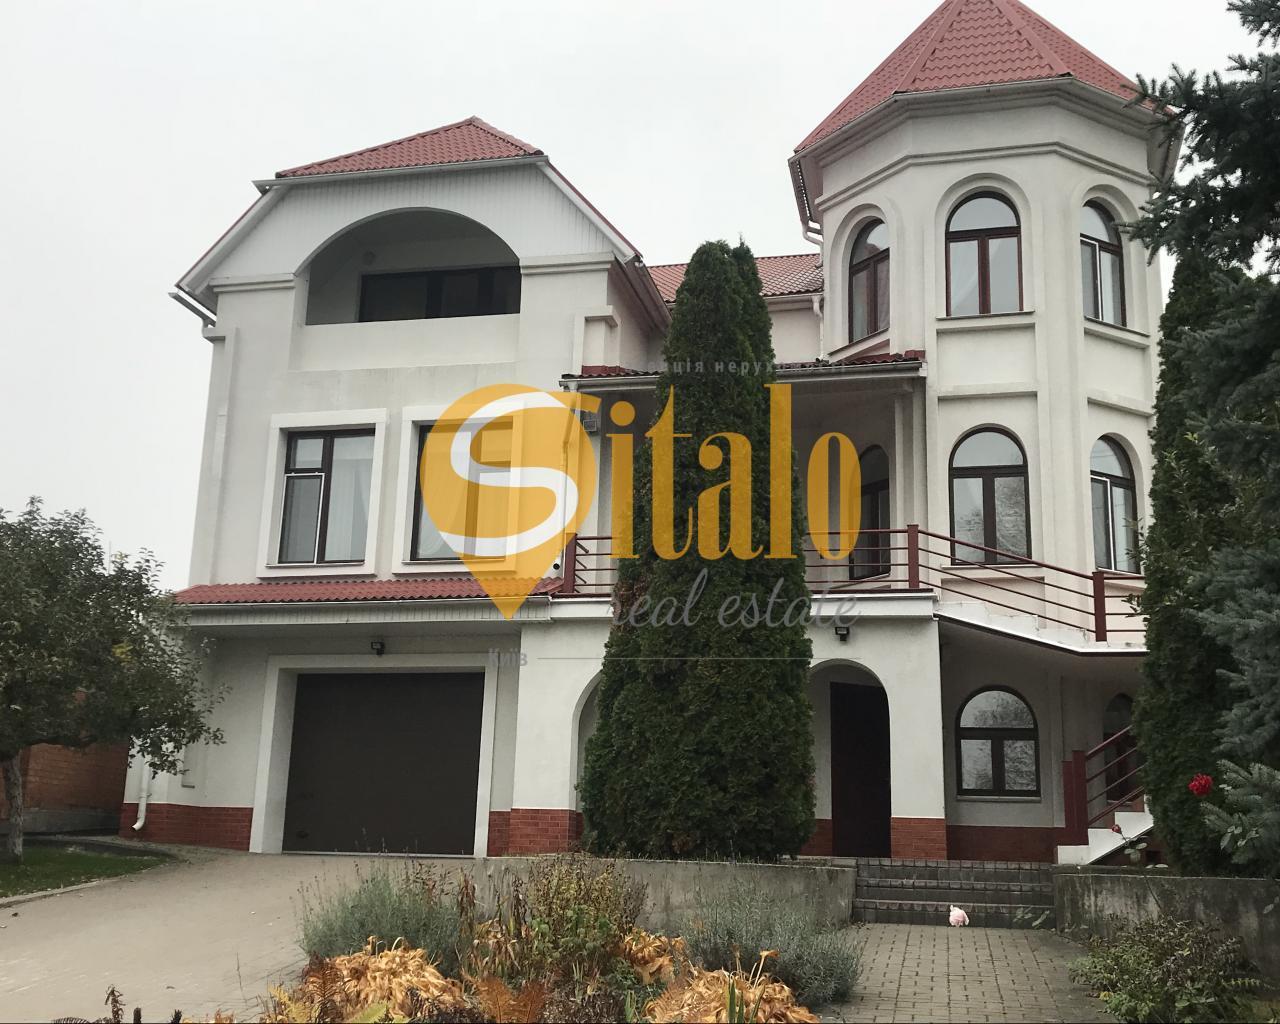 dom na wynajem  Petropawlowśka Borszczahiwka